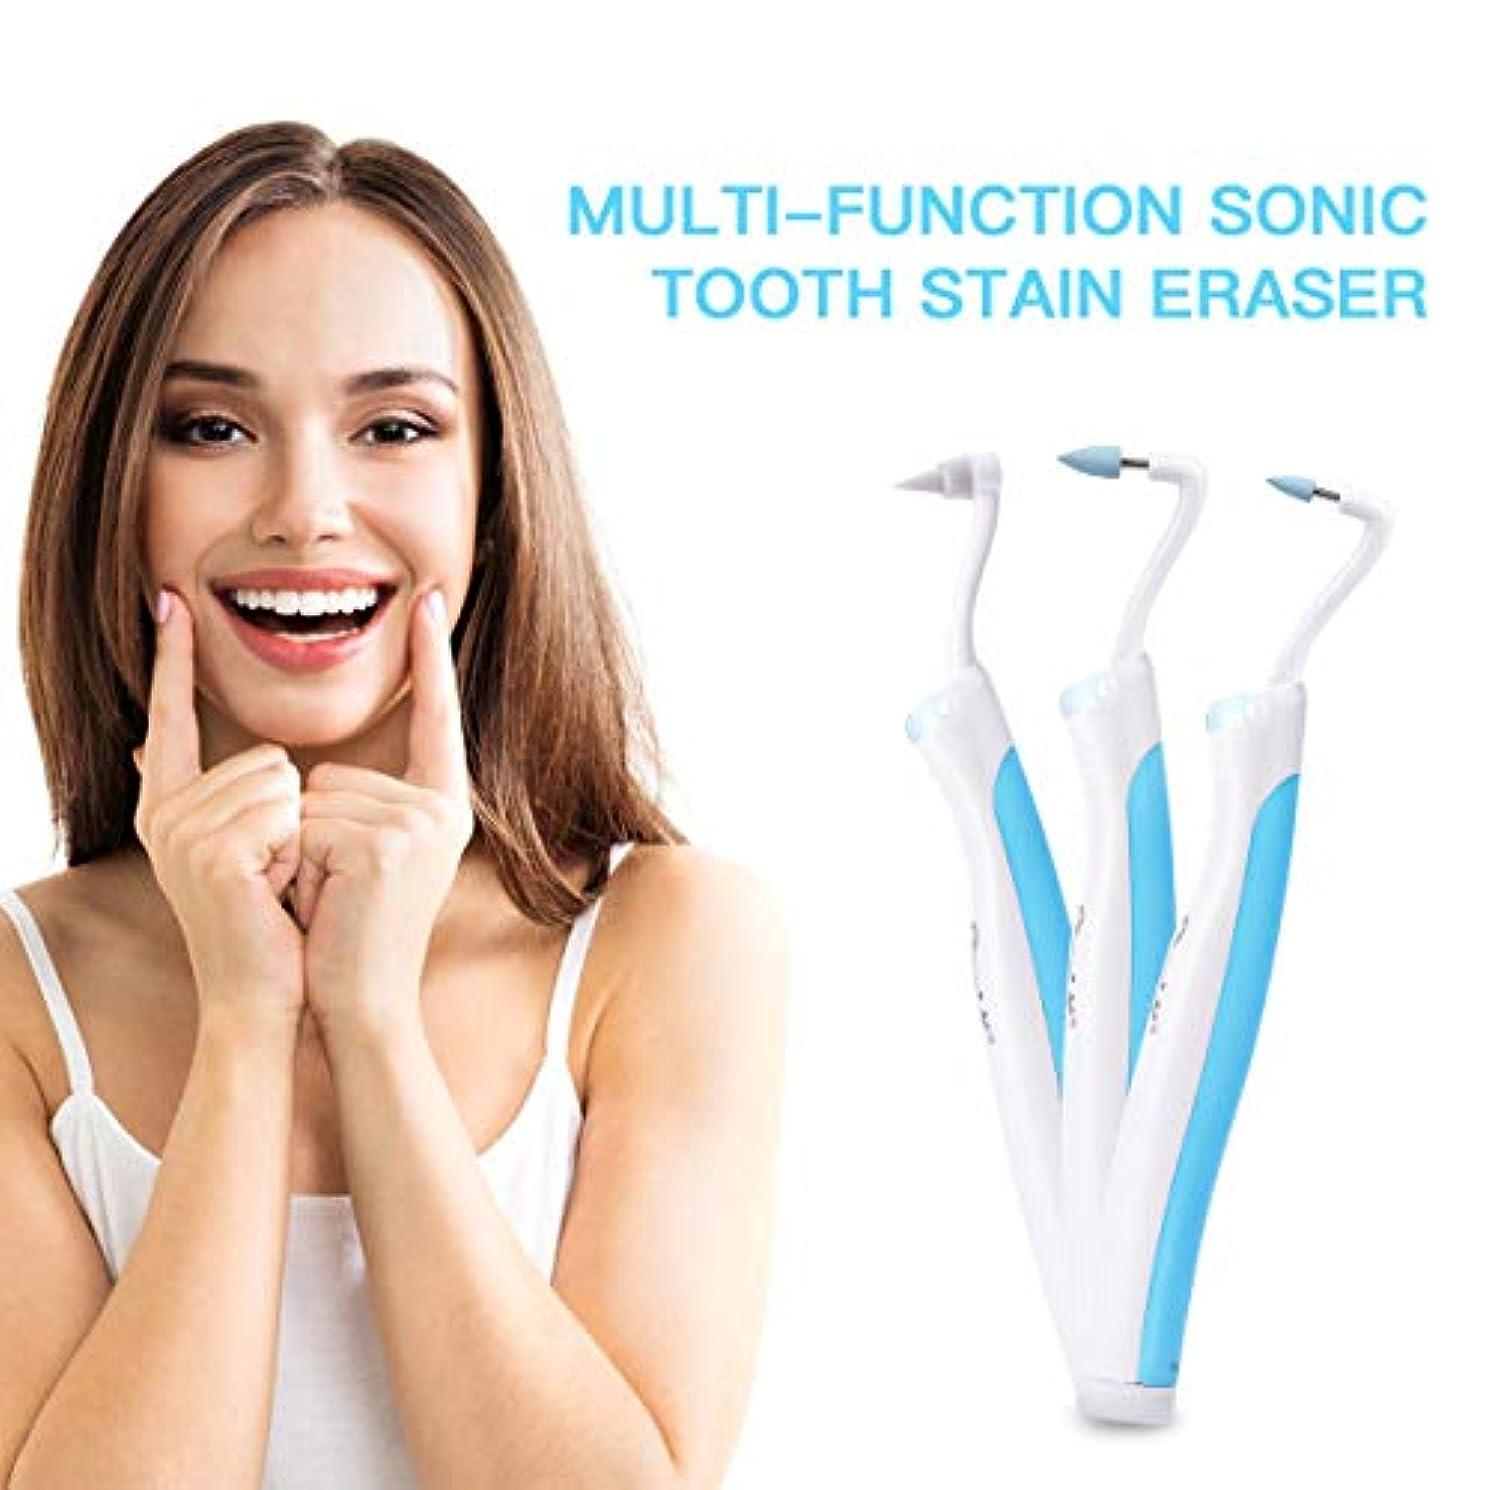 歯の消しゴム 電動 LED 歯科用ツール 歯間クリーナー CkeyiN 歯石取り 歯垢取り 口腔ケア オーラルケア